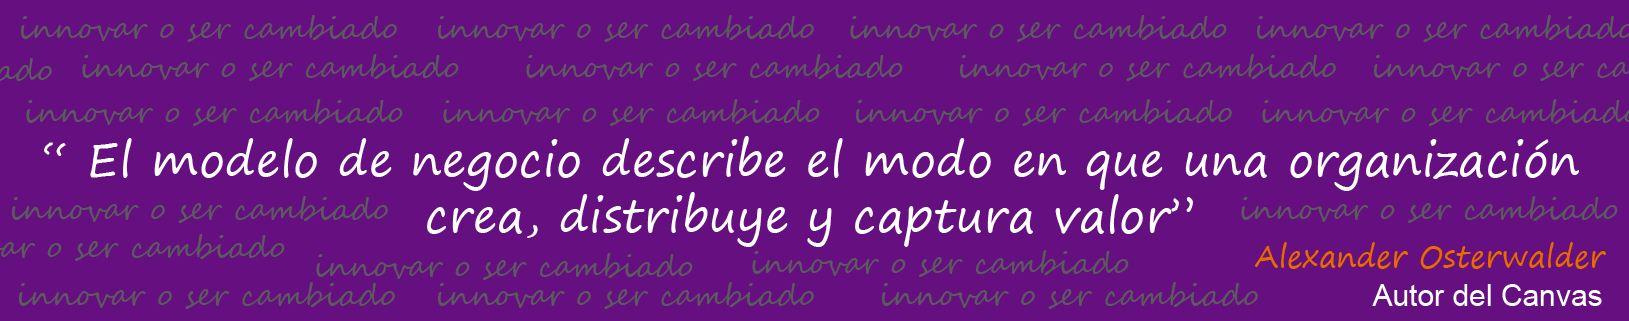 frase 5